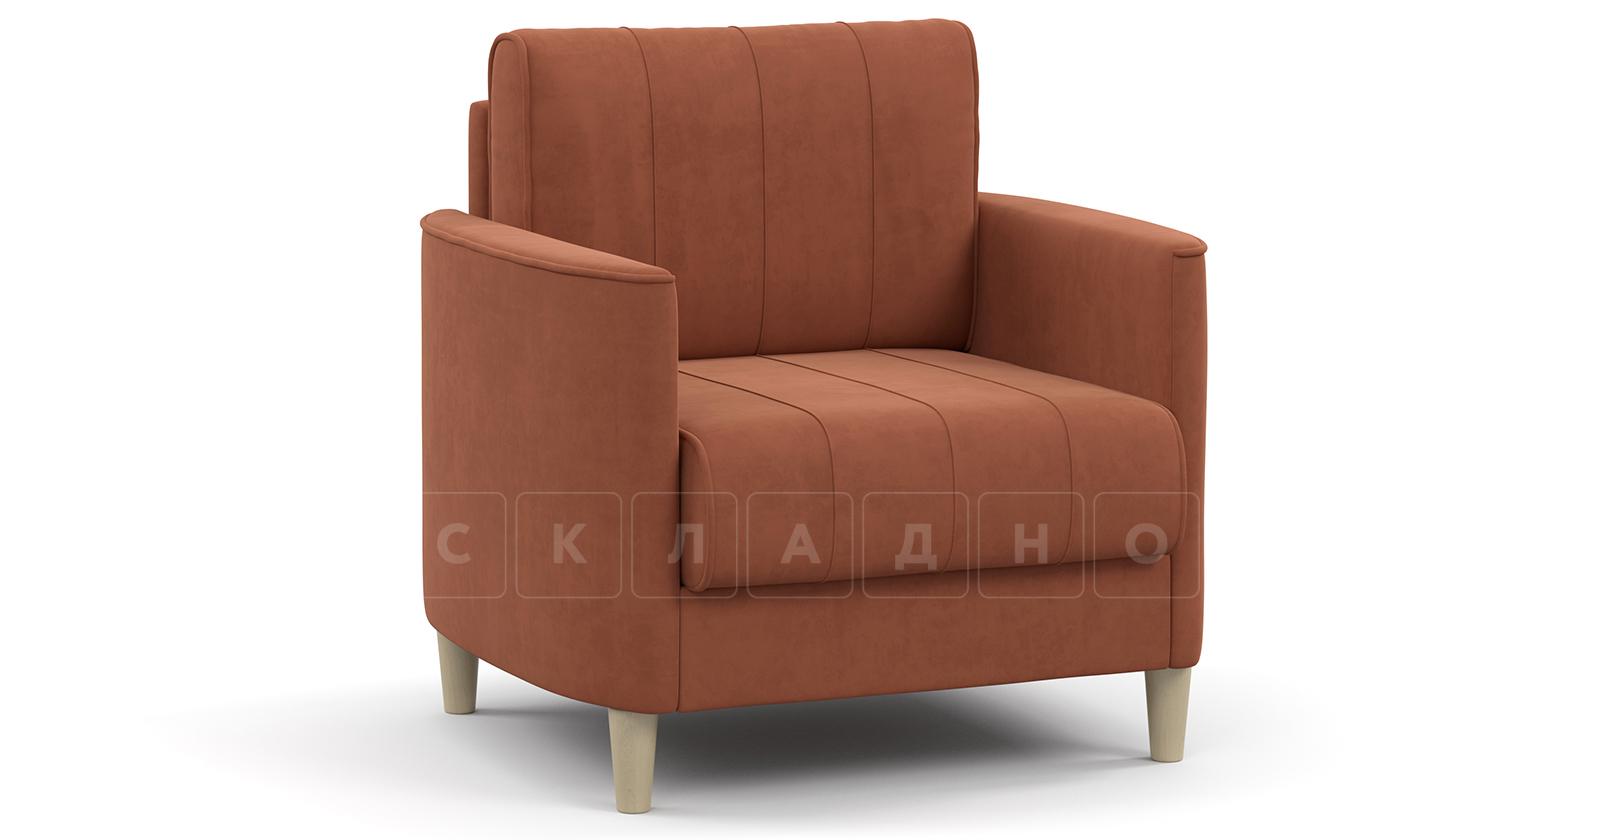 Кресло для отдыха Лорен кирпичный фото 1 | интернет-магазин Складно